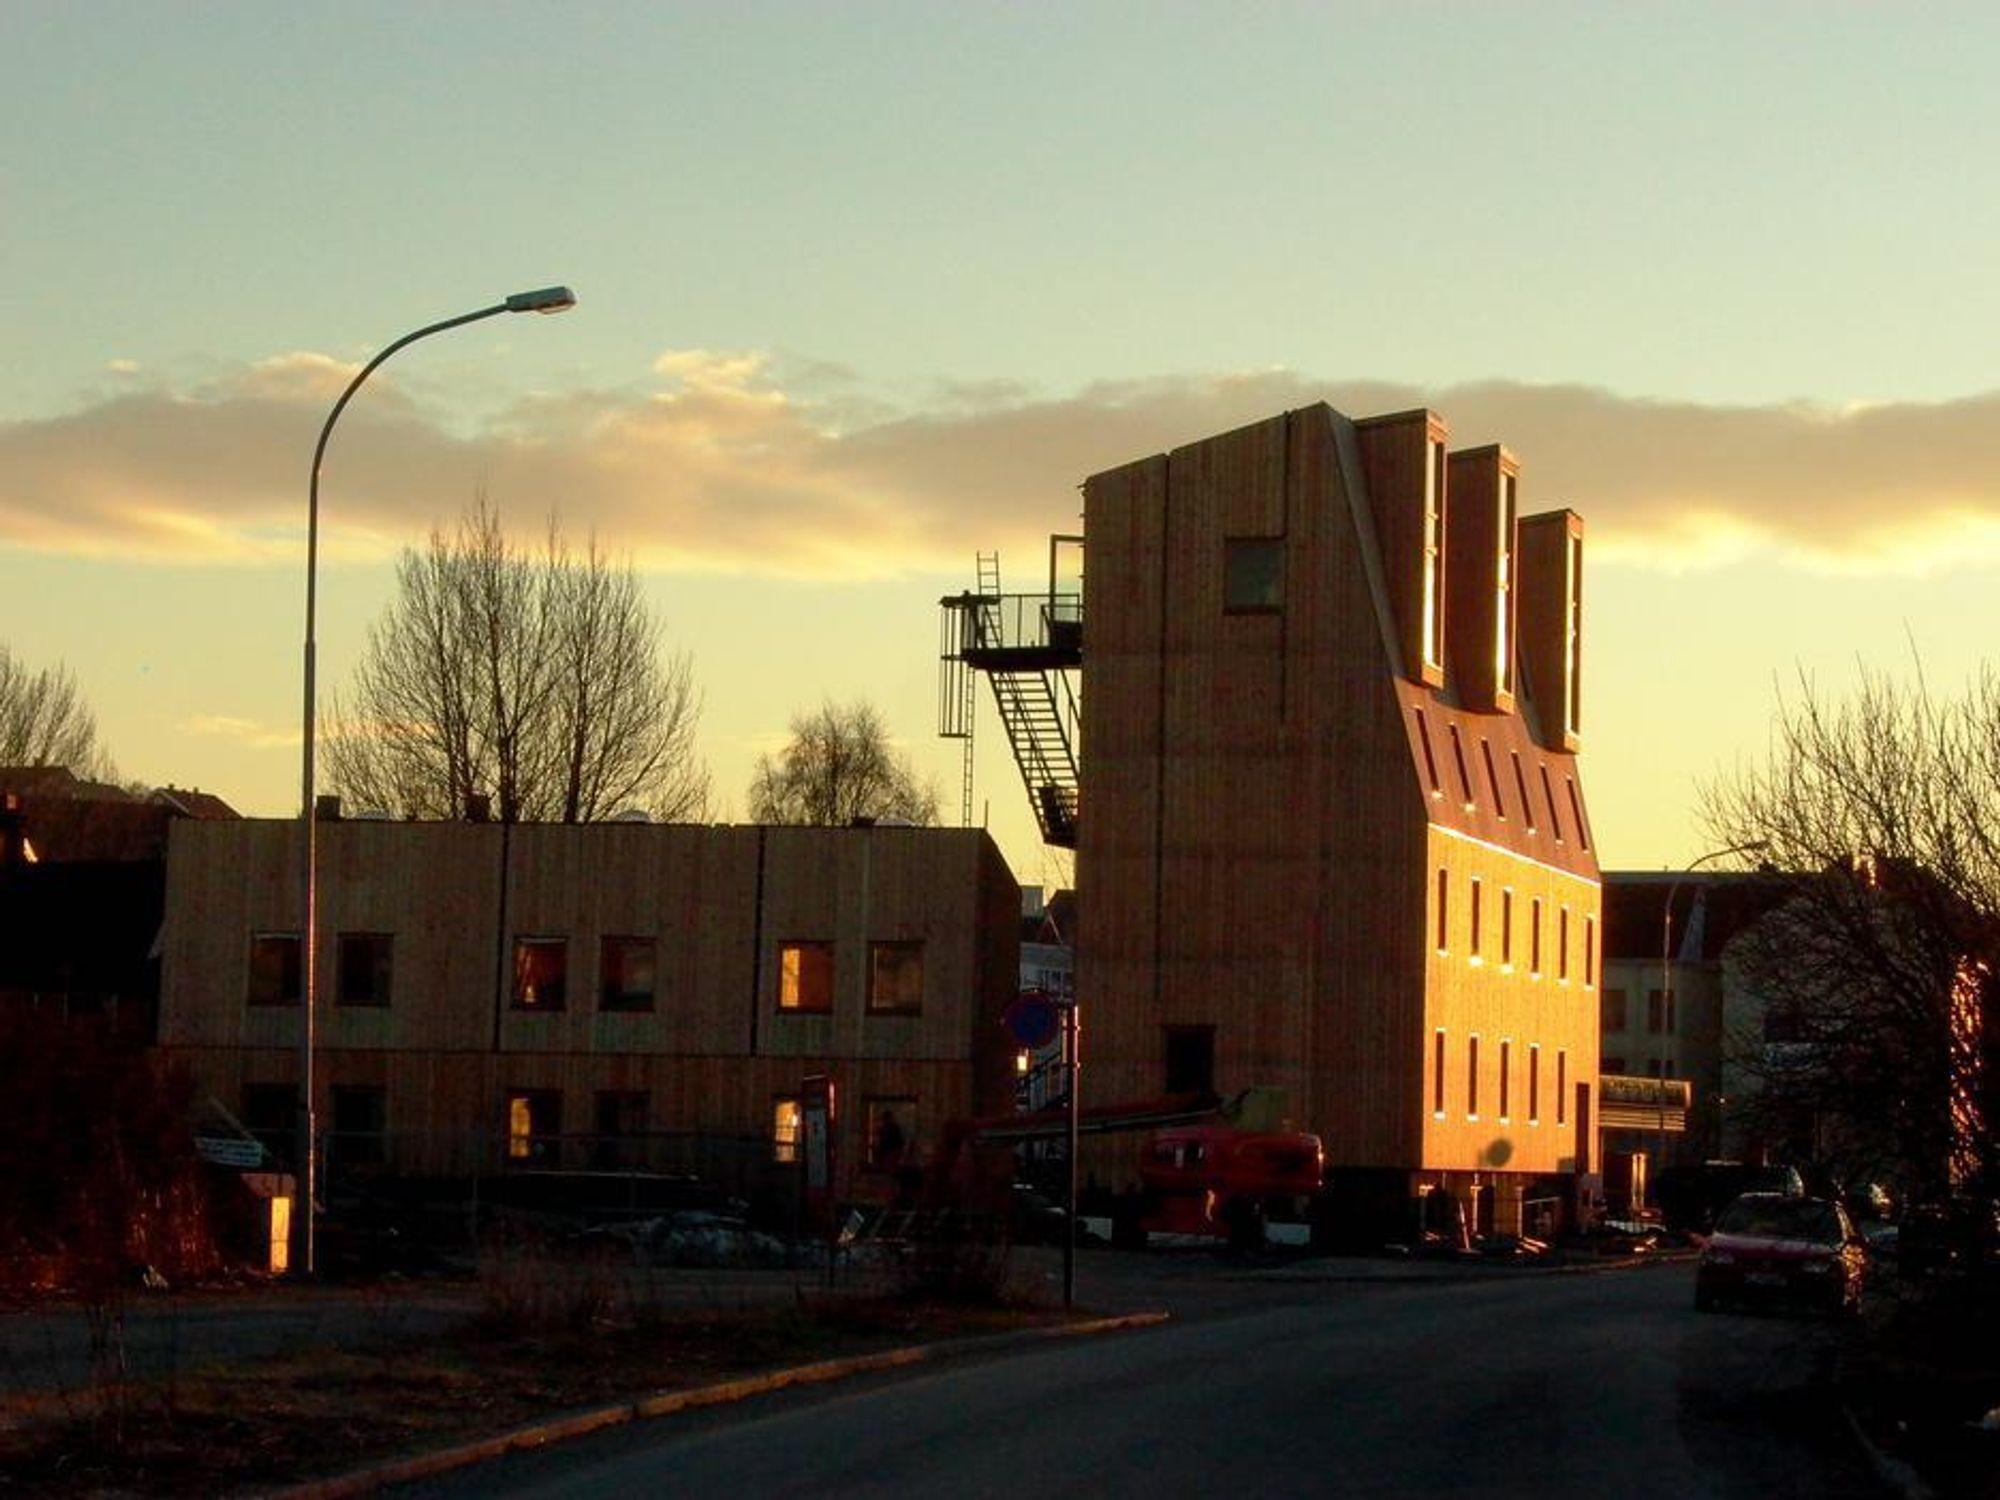 HØYT OG MASSIVT: Studenthuset på Svartlamoen i Trondheim, som Brendeland & Kristoffersen Arkitekter står bak, er 17 meter høyt og bygd i massivt tre. Slike vil det bli mange av om 30 år, spås det i en fremtidsrapport fra If Skadeforsikring.